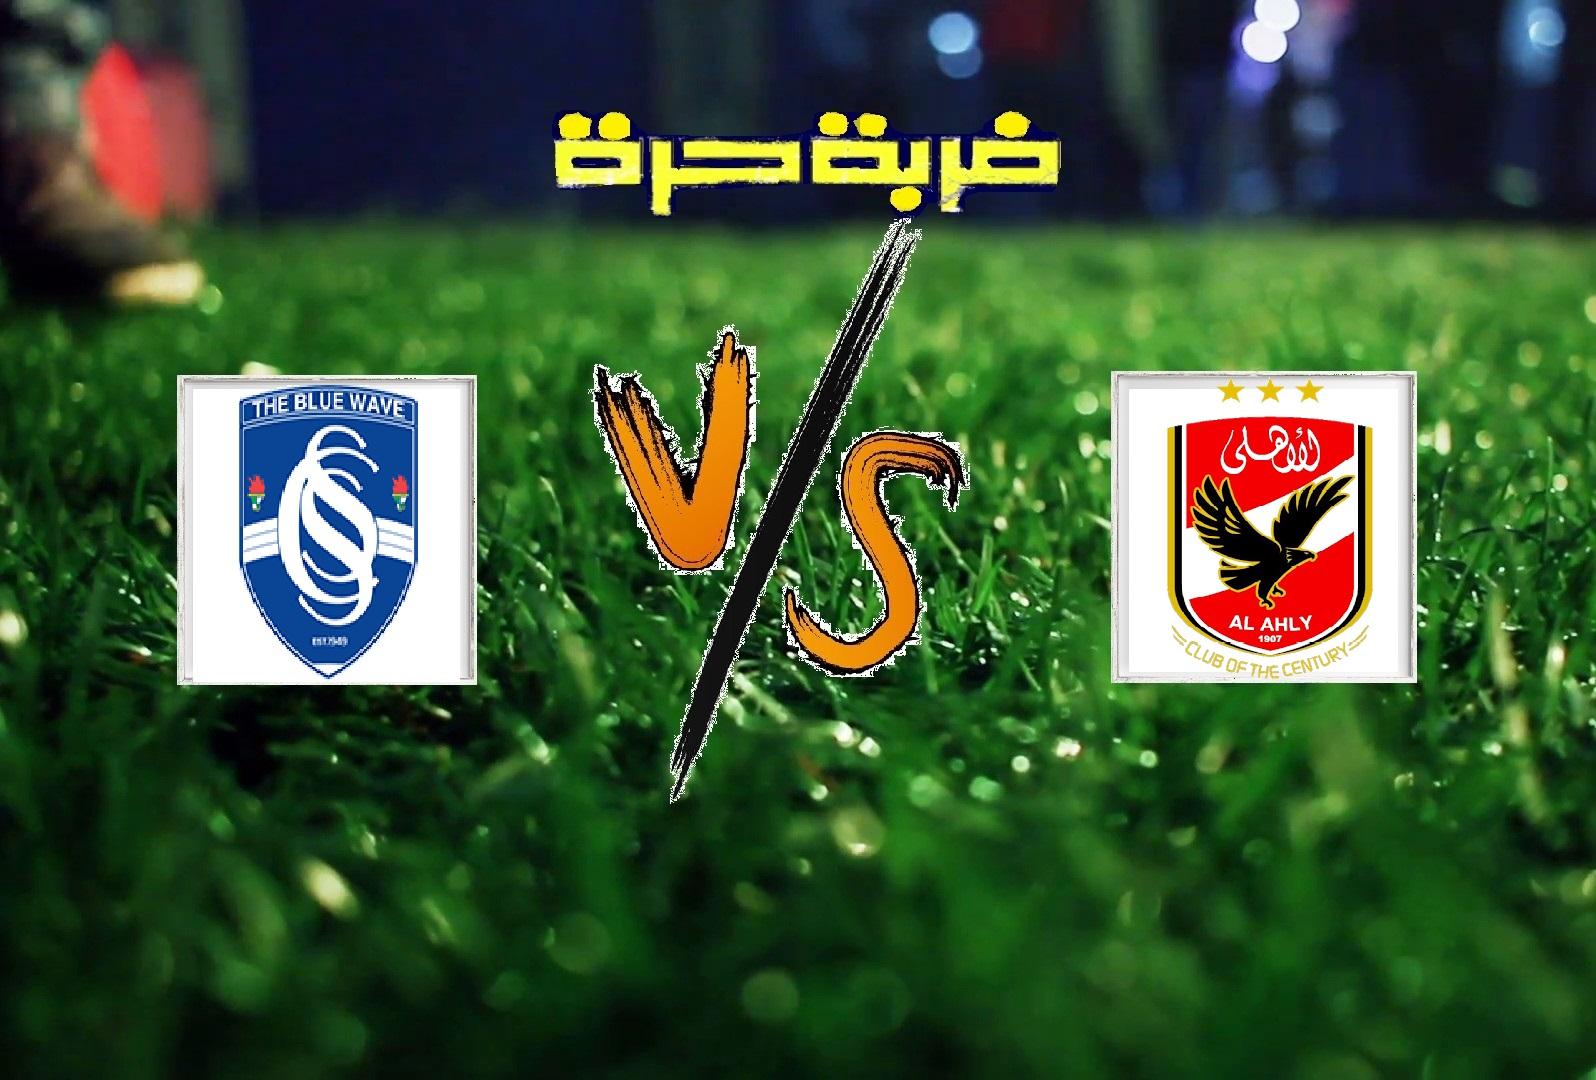 الاهلي يفوز على سموحة بهدف دون رد في الجولة الـ31 من الدوري المصري